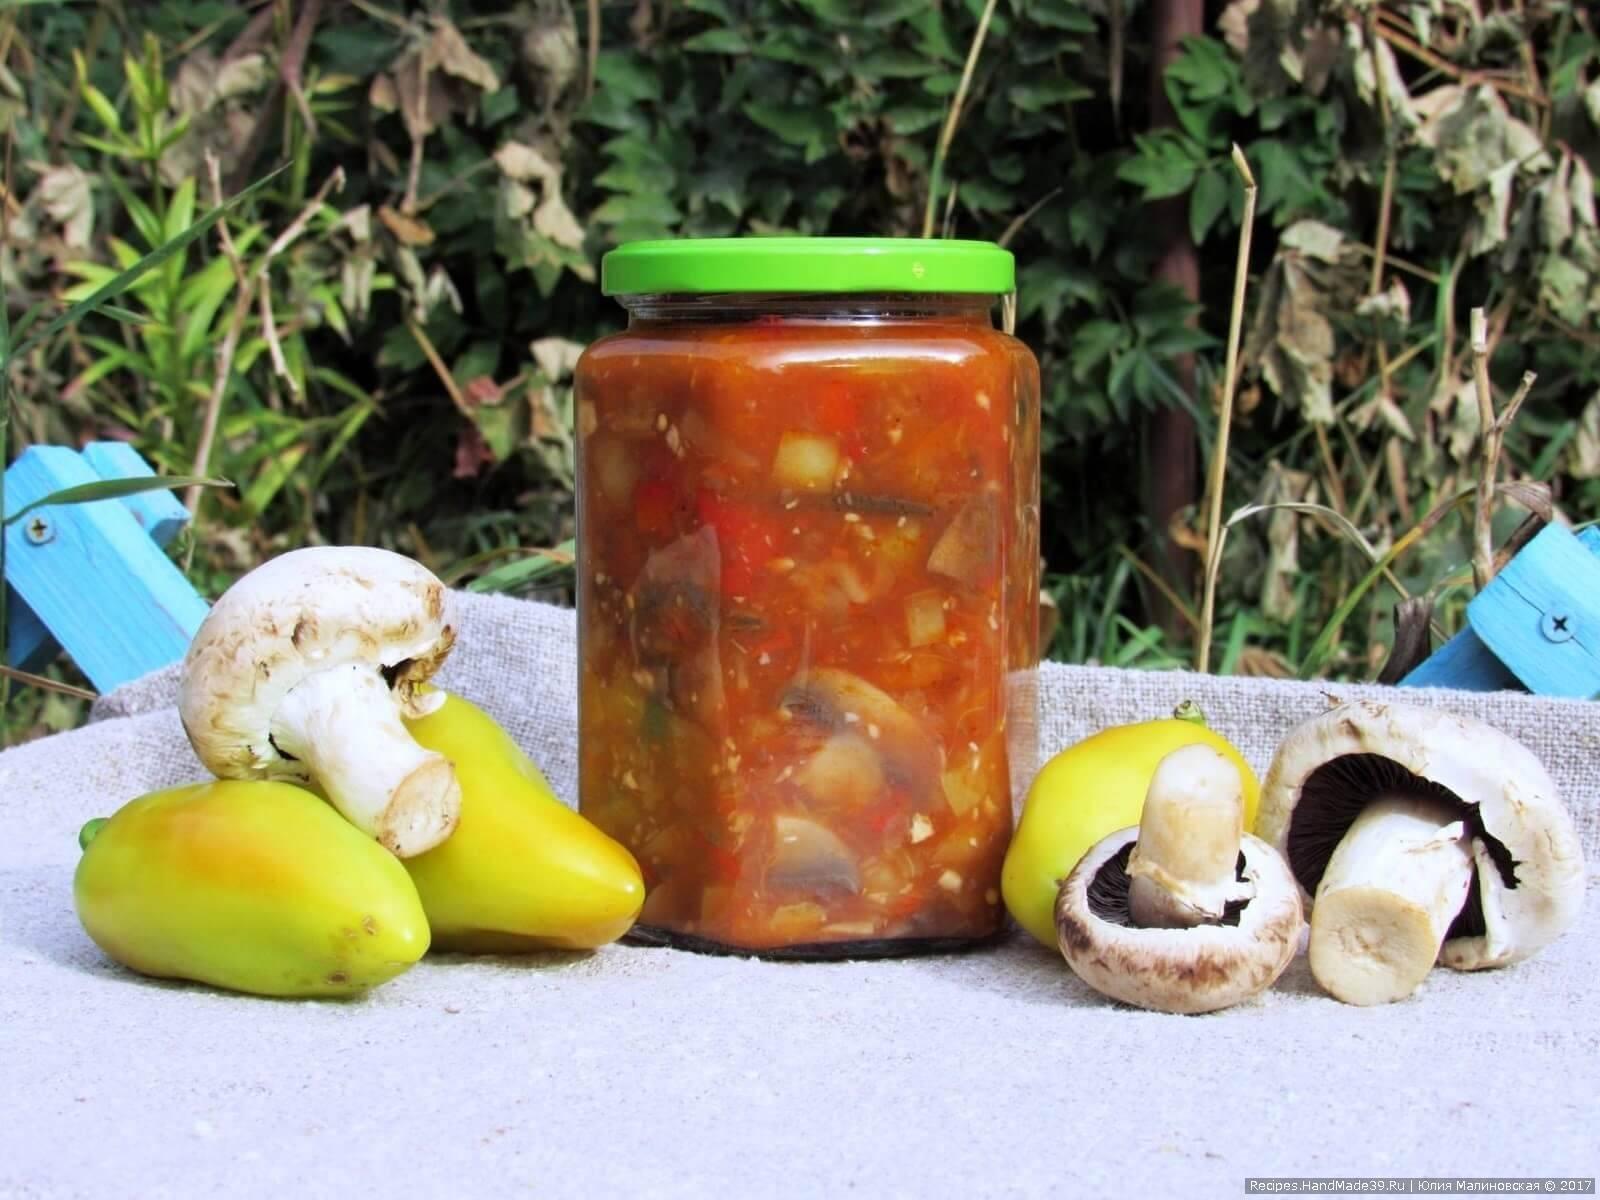 Классическое лечо – 9 вкусных рецептов лечо из перца и помидоров на зиму пошагово с фото